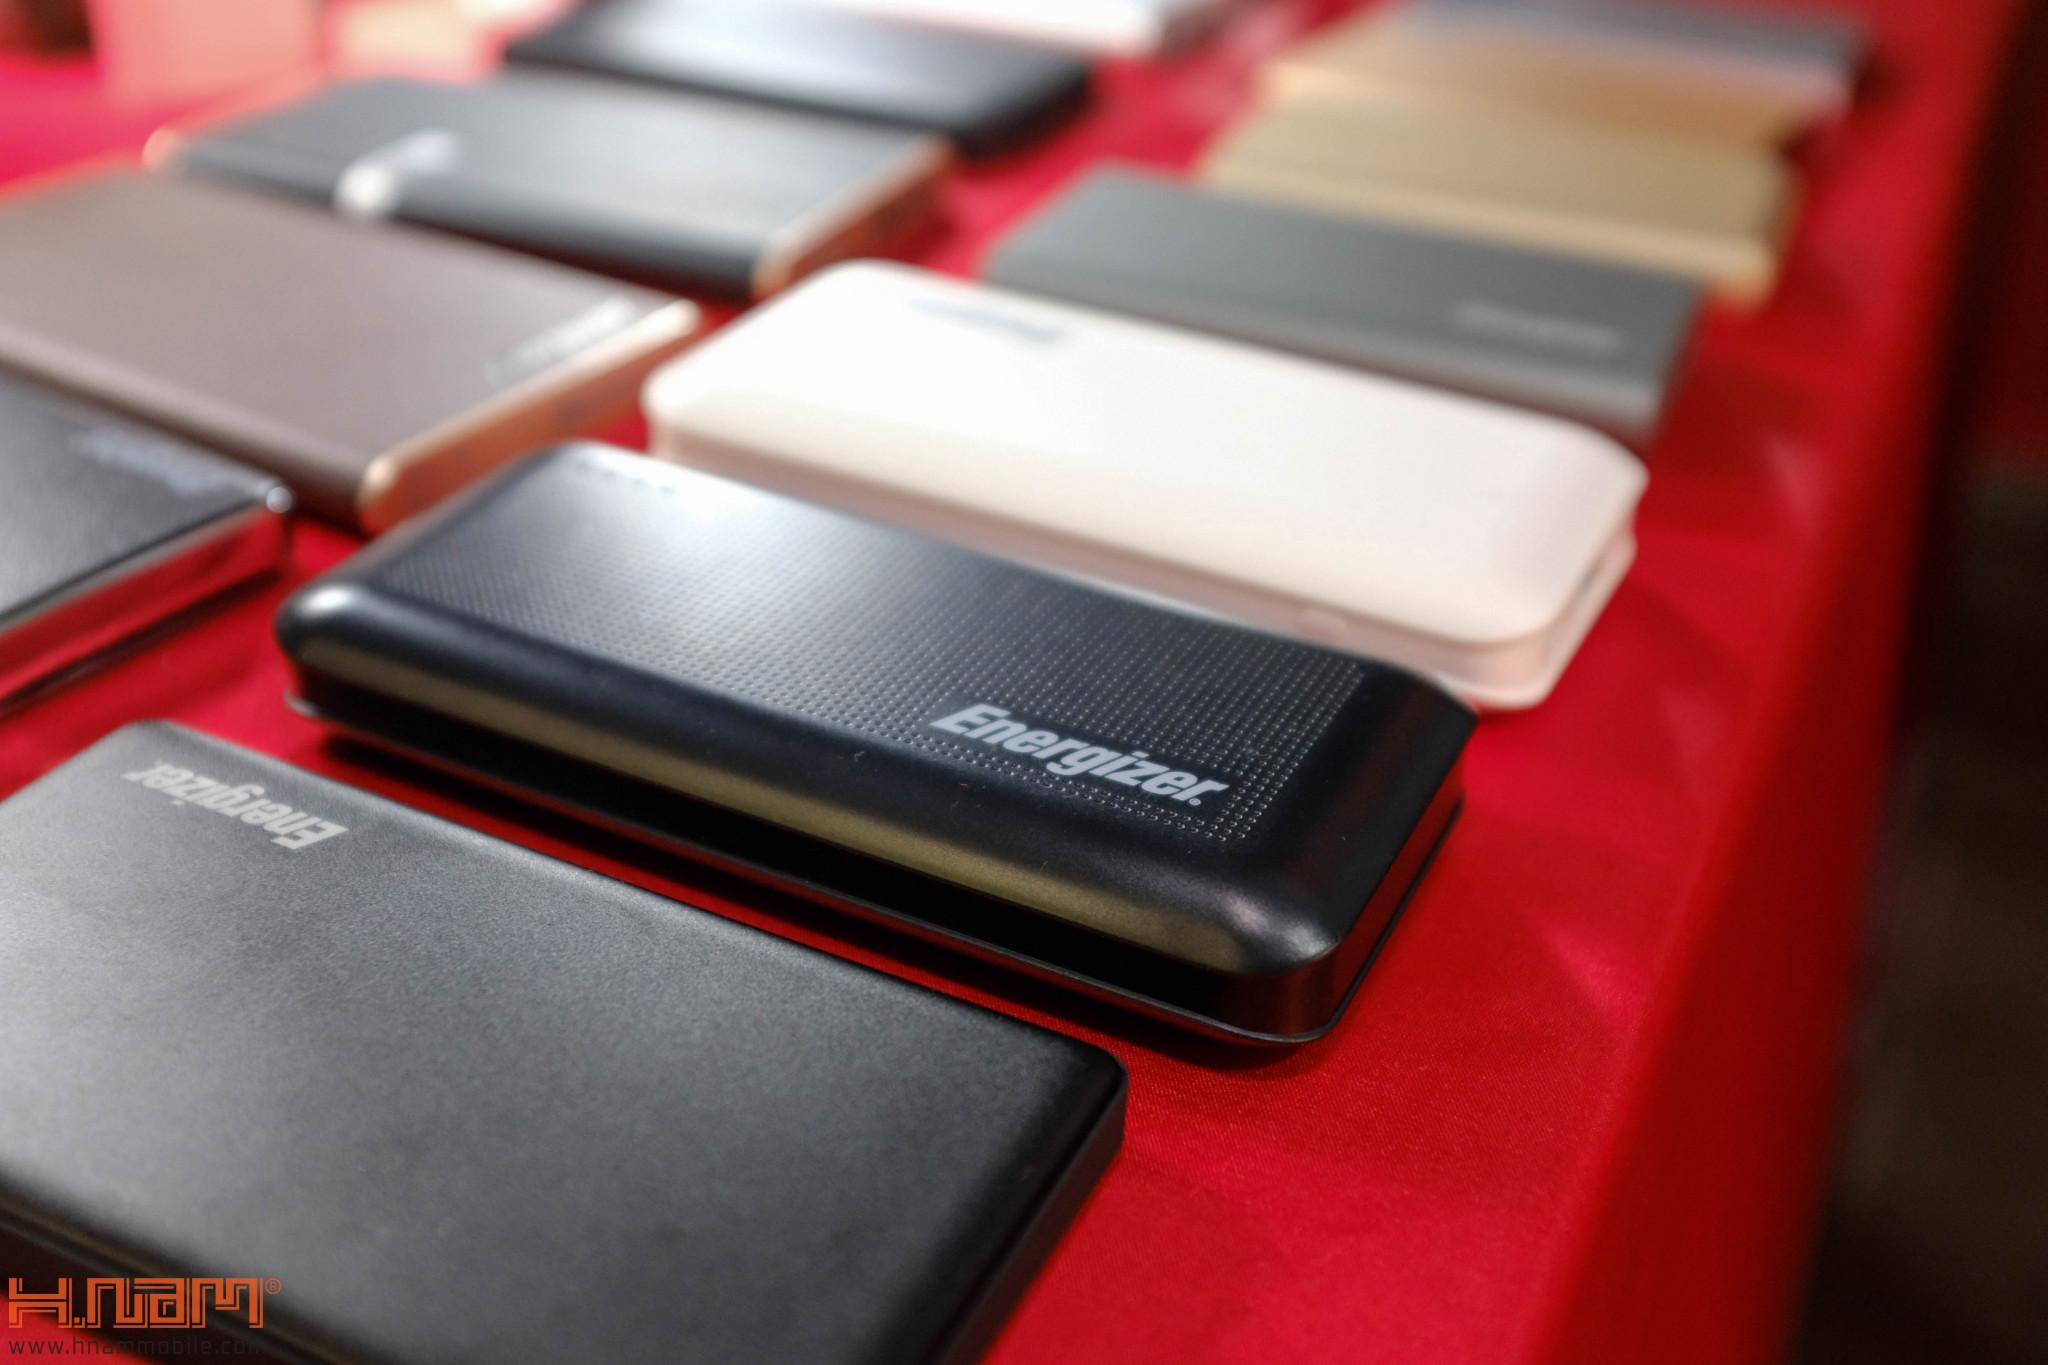 Energizer ra mắt 5 mẫu pin dự phòng mới tại Việt Nam: Bảo hành 2 năm 1 đổi 1, giá từ 800.000Đ hình 19